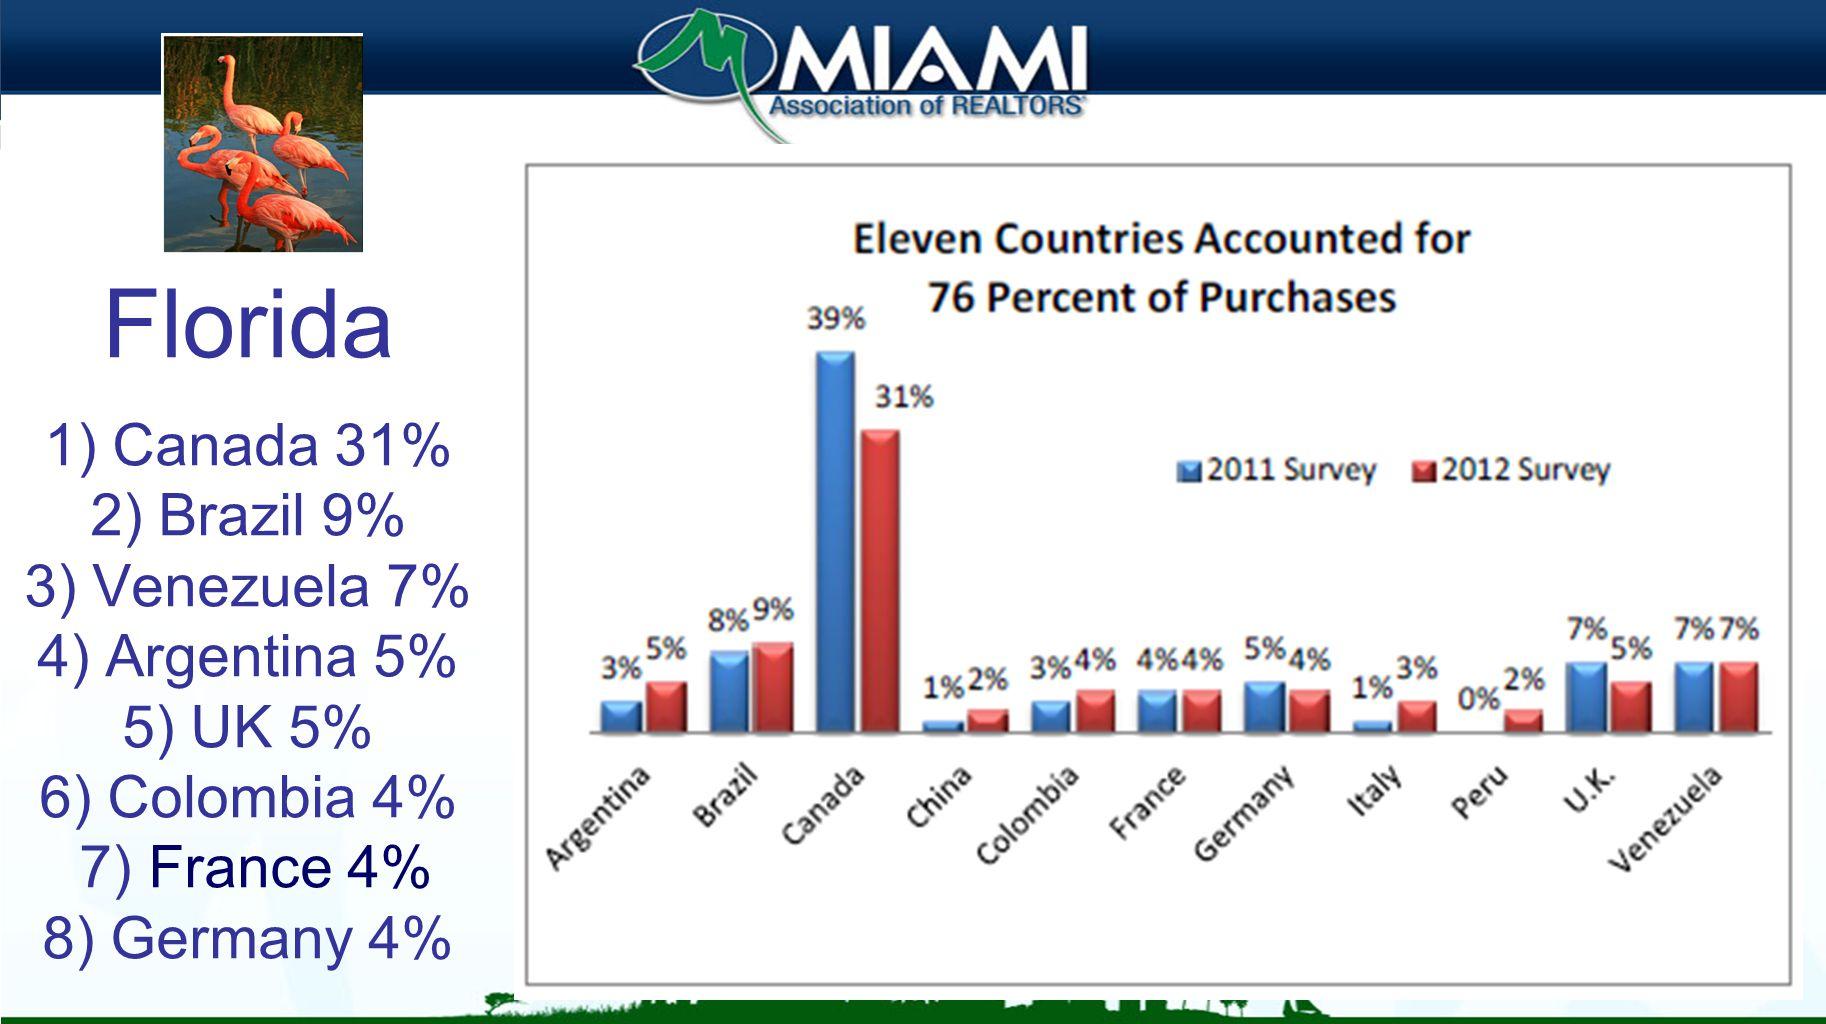 Florida 1) Canada 31% 2) Brazil 9% 3) Venezuela 7% 4) Argentina 5% 5) UK 5% 6) Colombia 4% 7) France 4% 8) Germany 4%